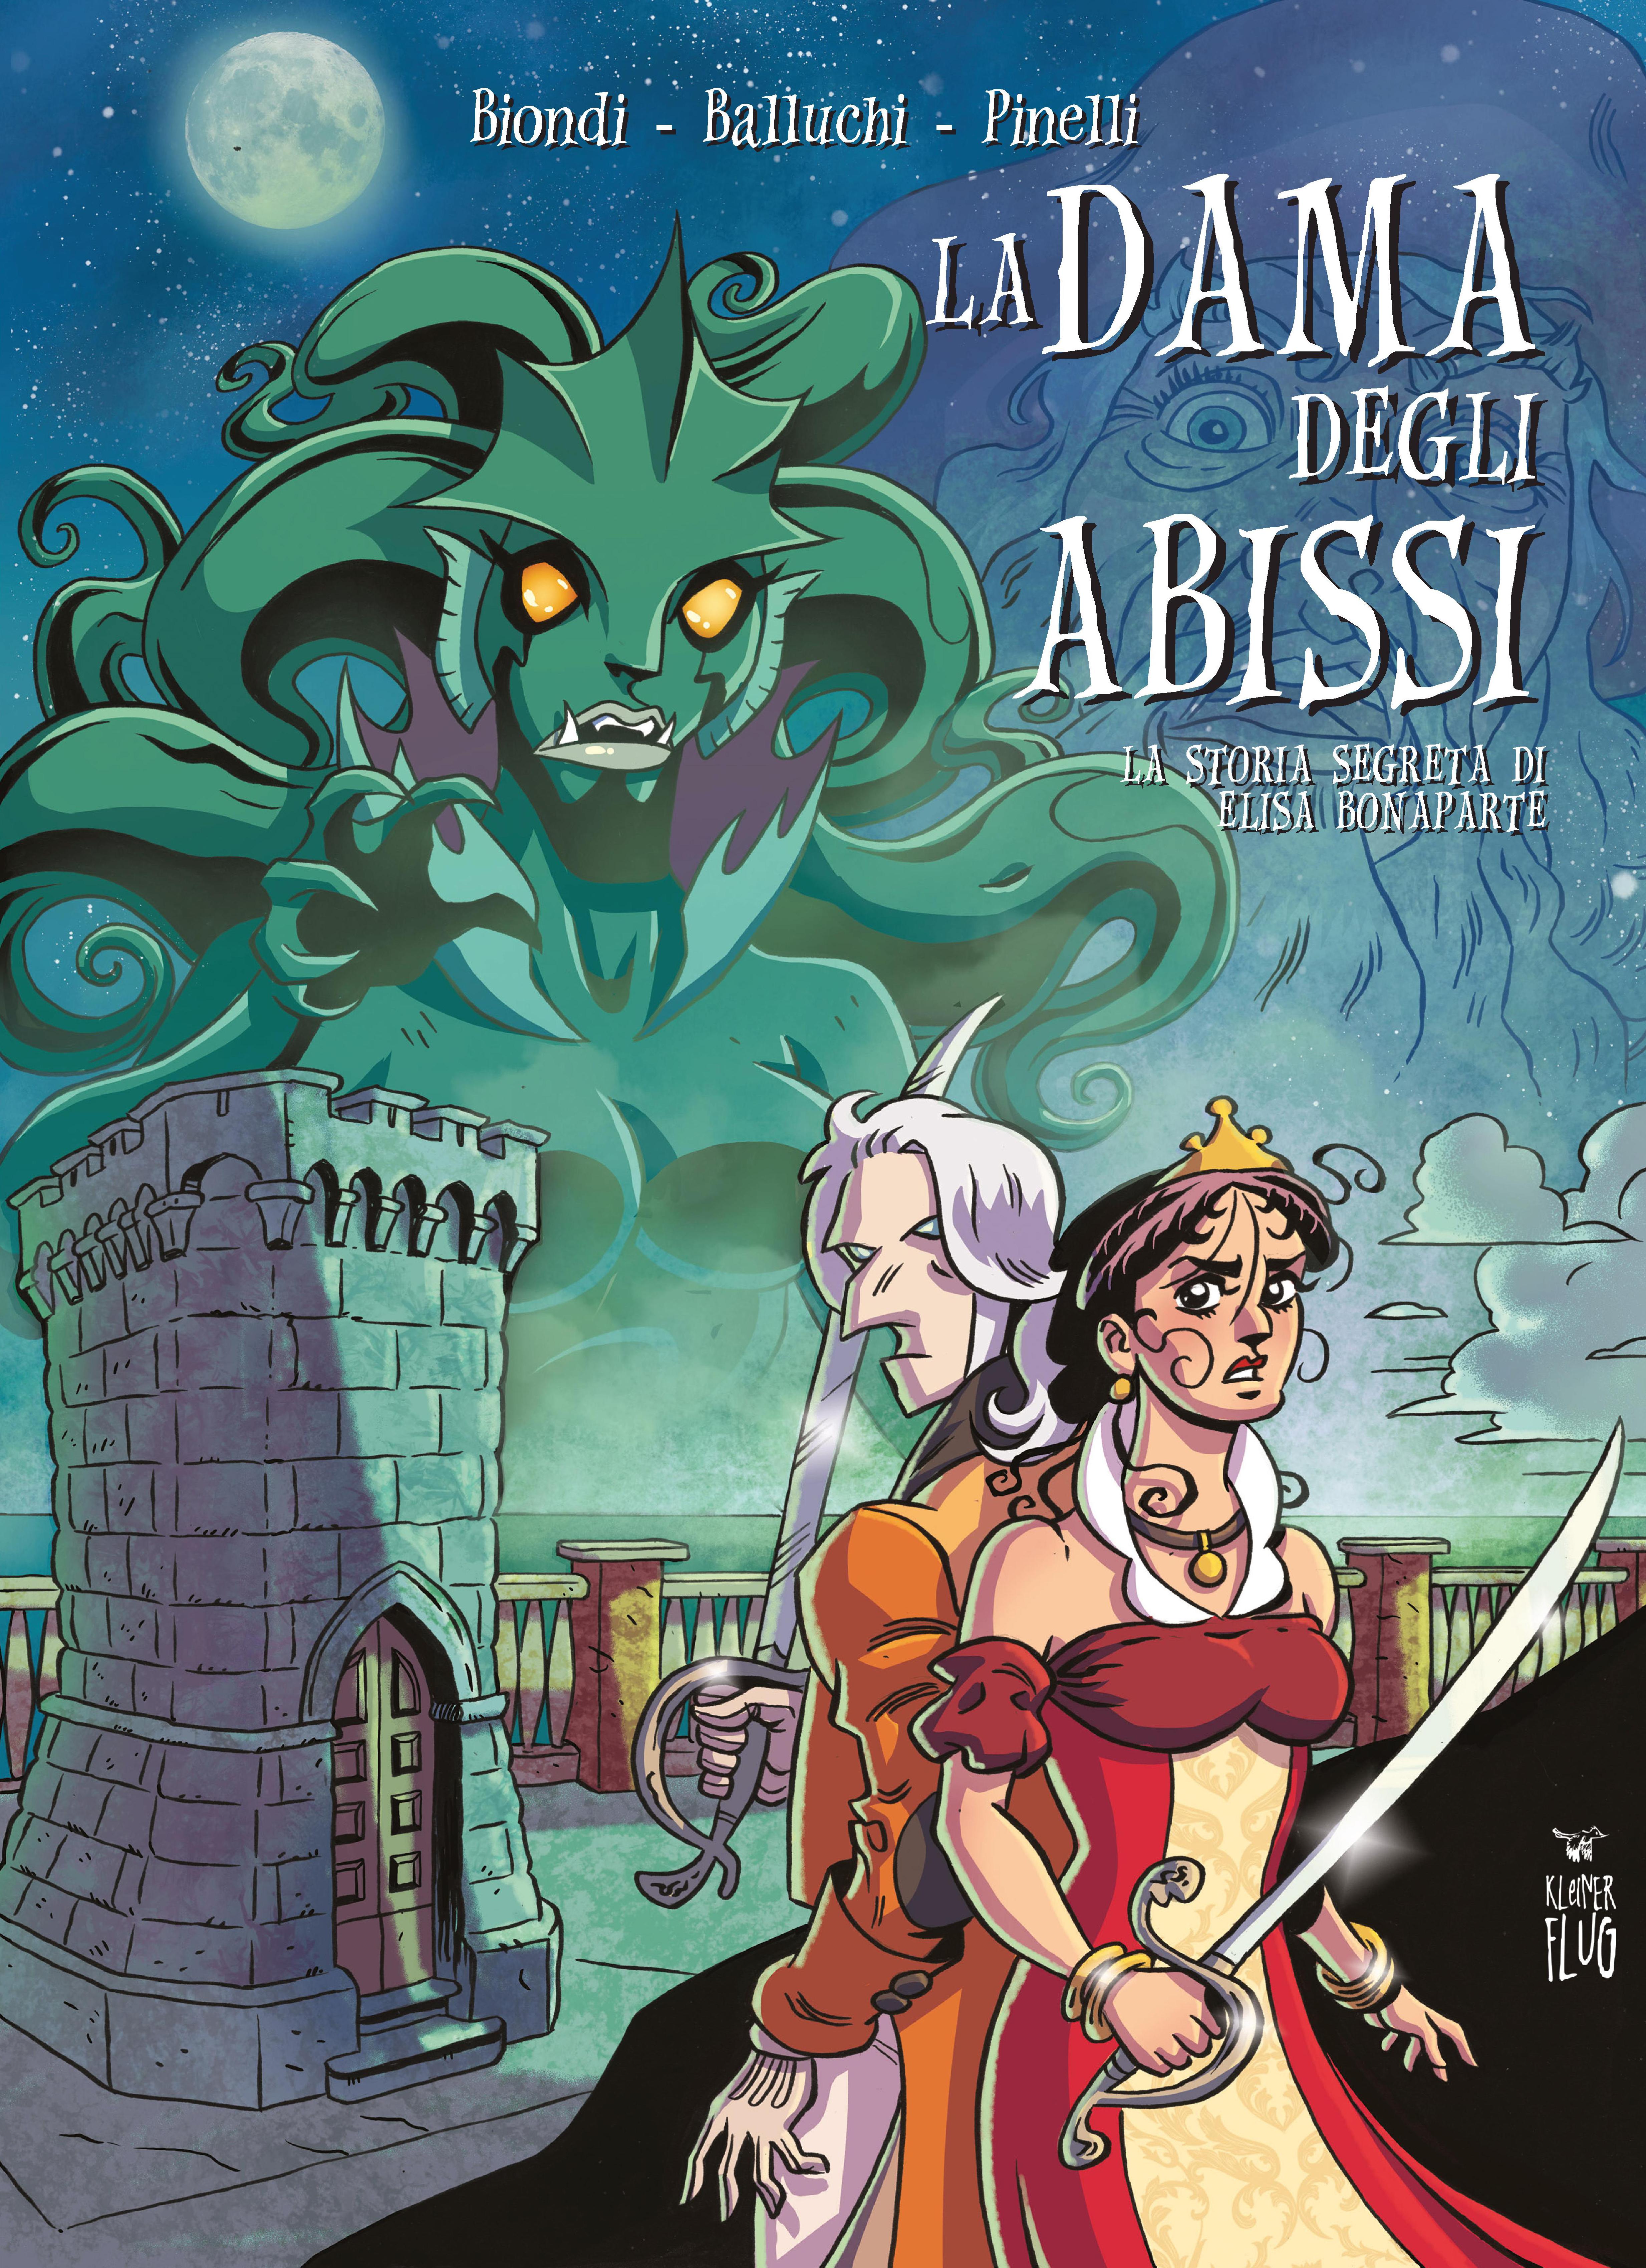 """""""La dama degli abissi"""", disponibile la graphic novel ambientata a Piombino"""